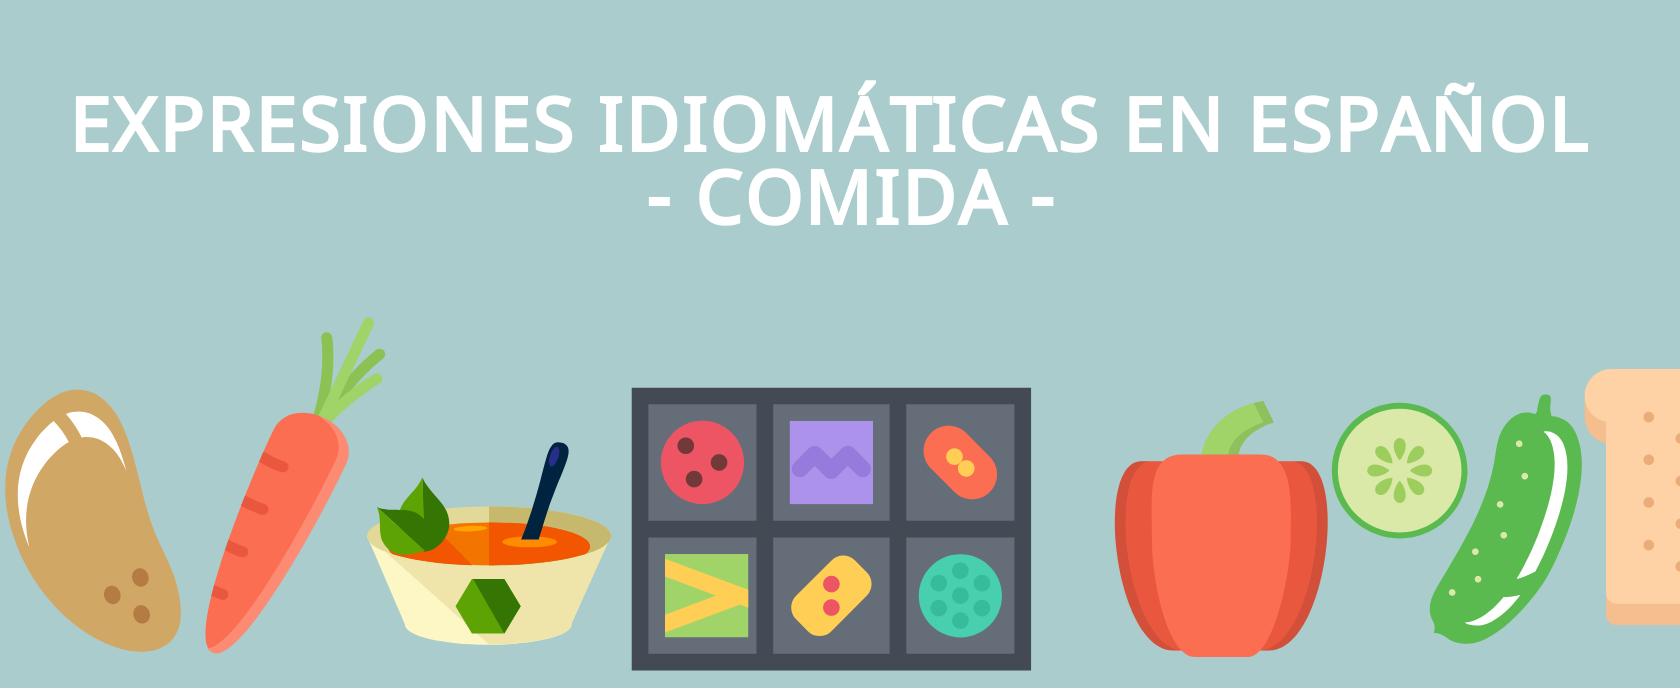 Expresiones idiomáticas con comida